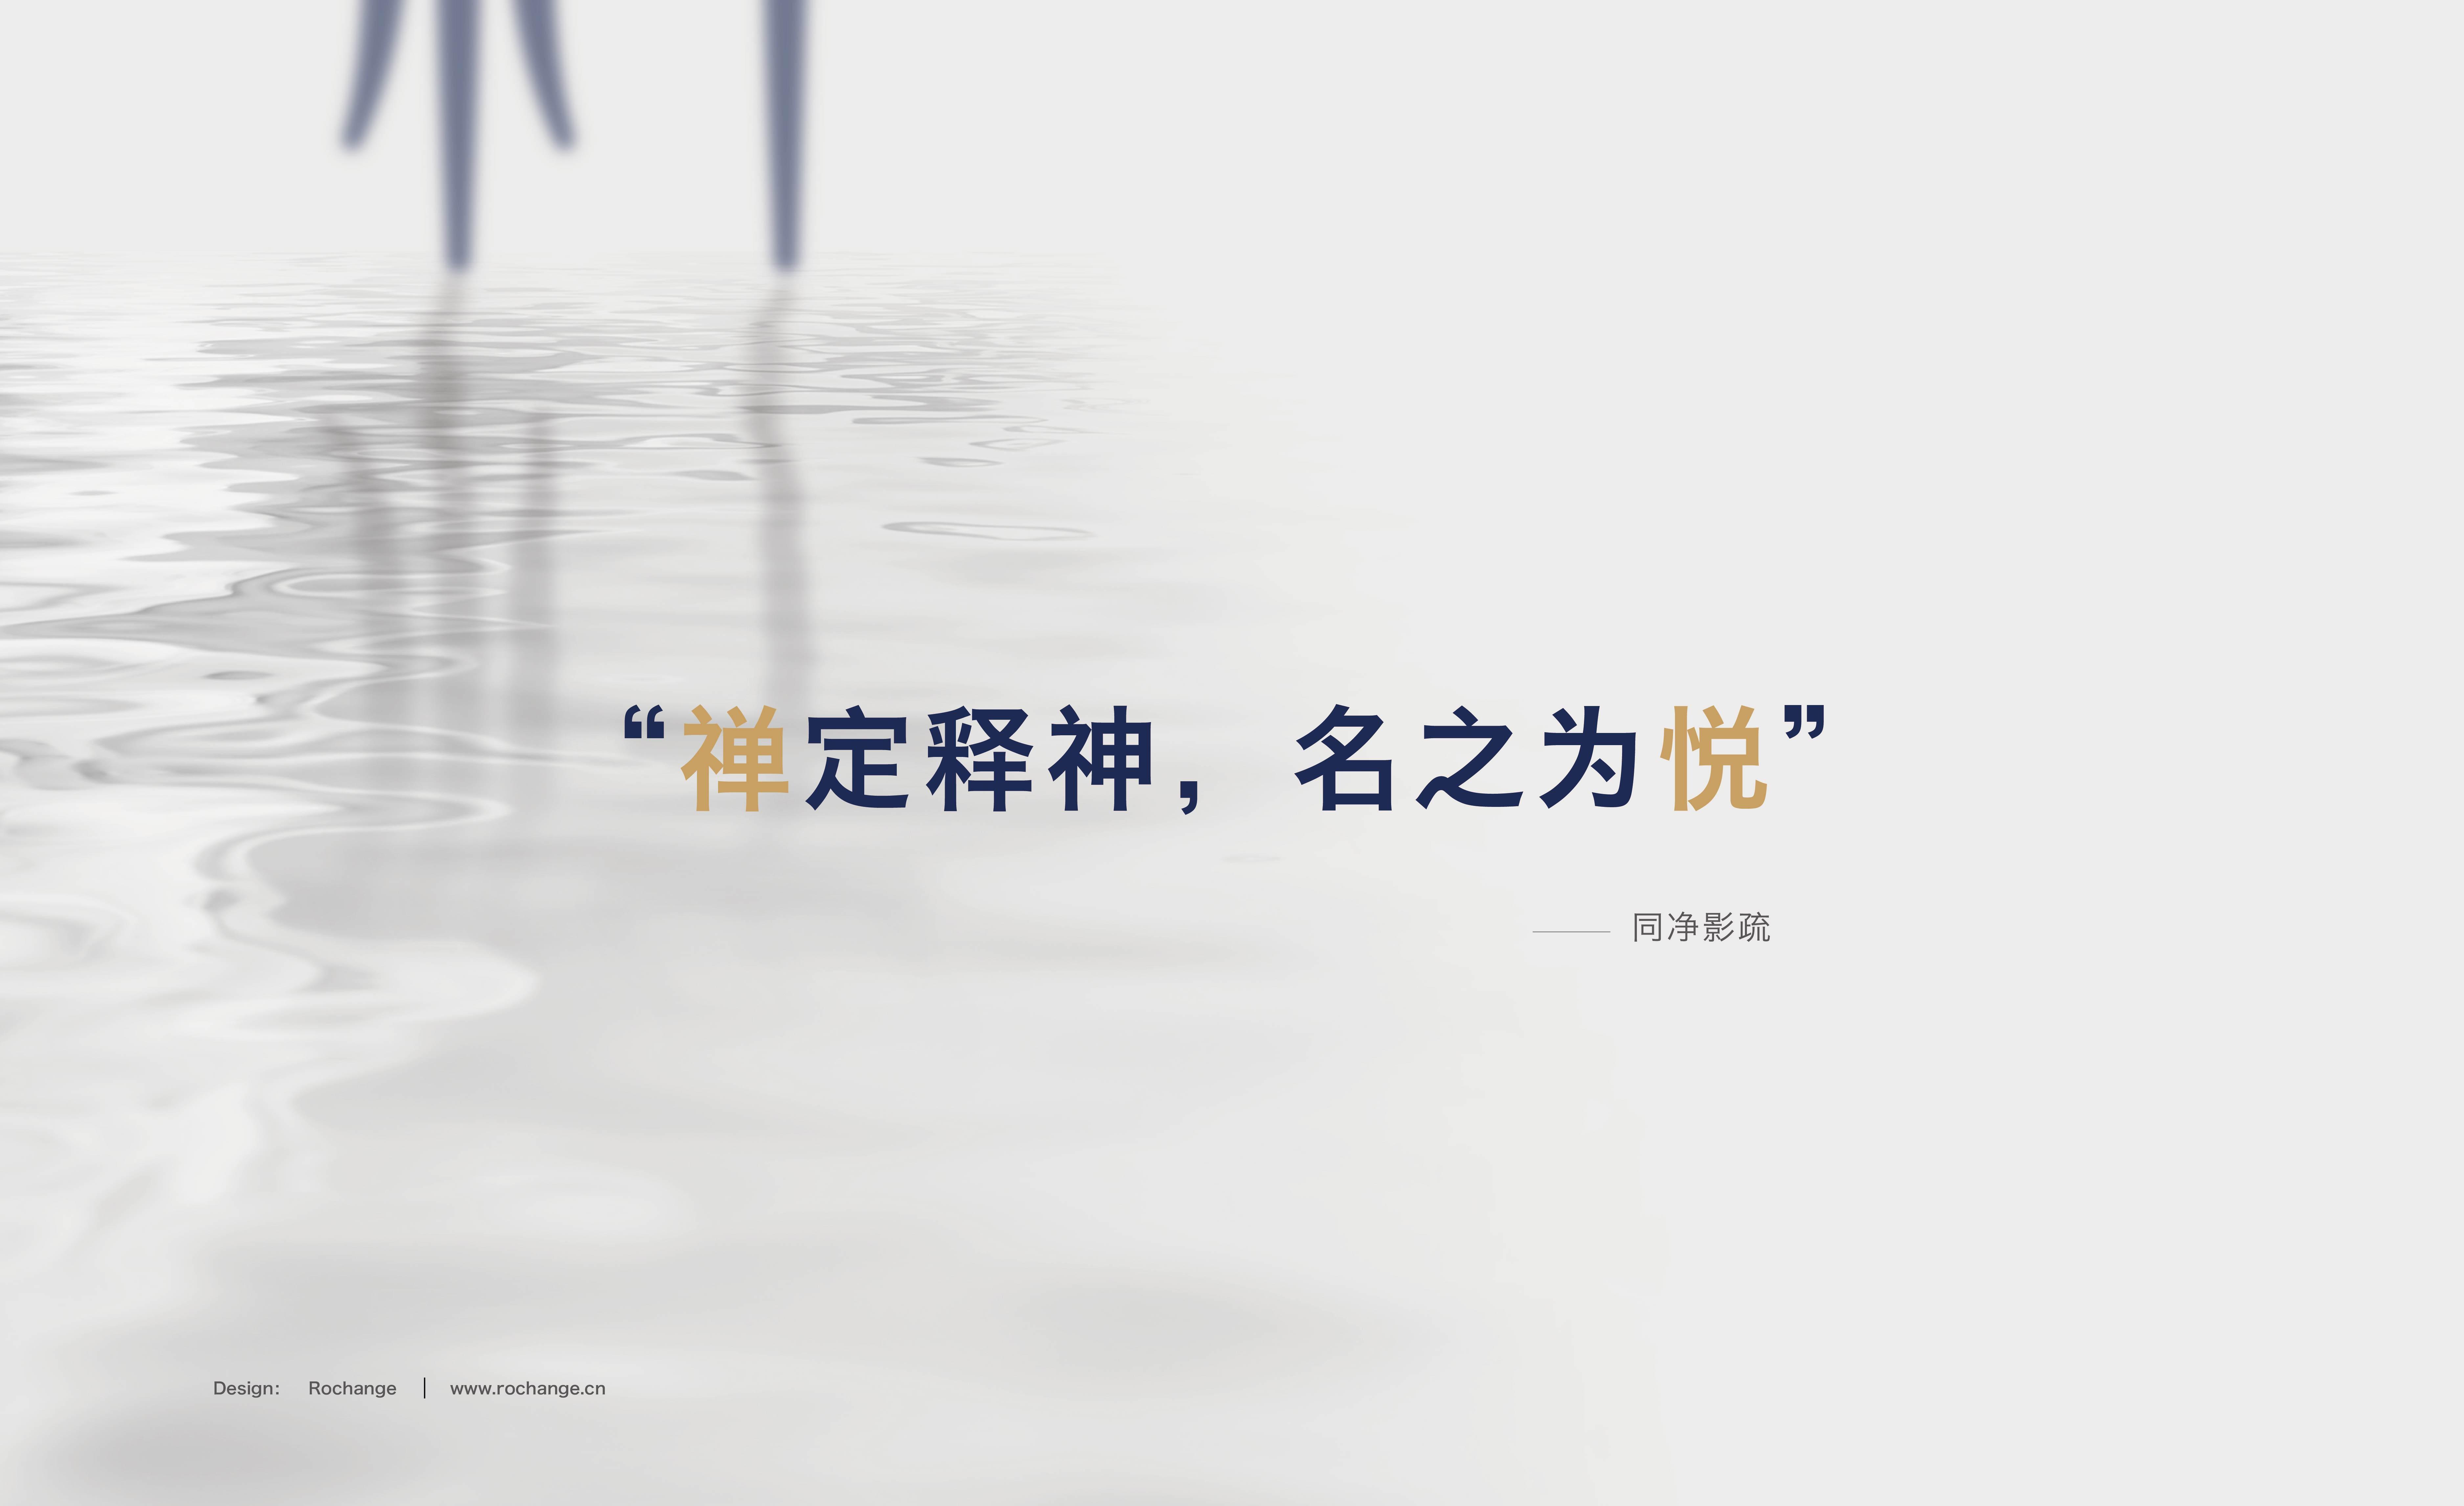 禅悦品牌形象3.jpg